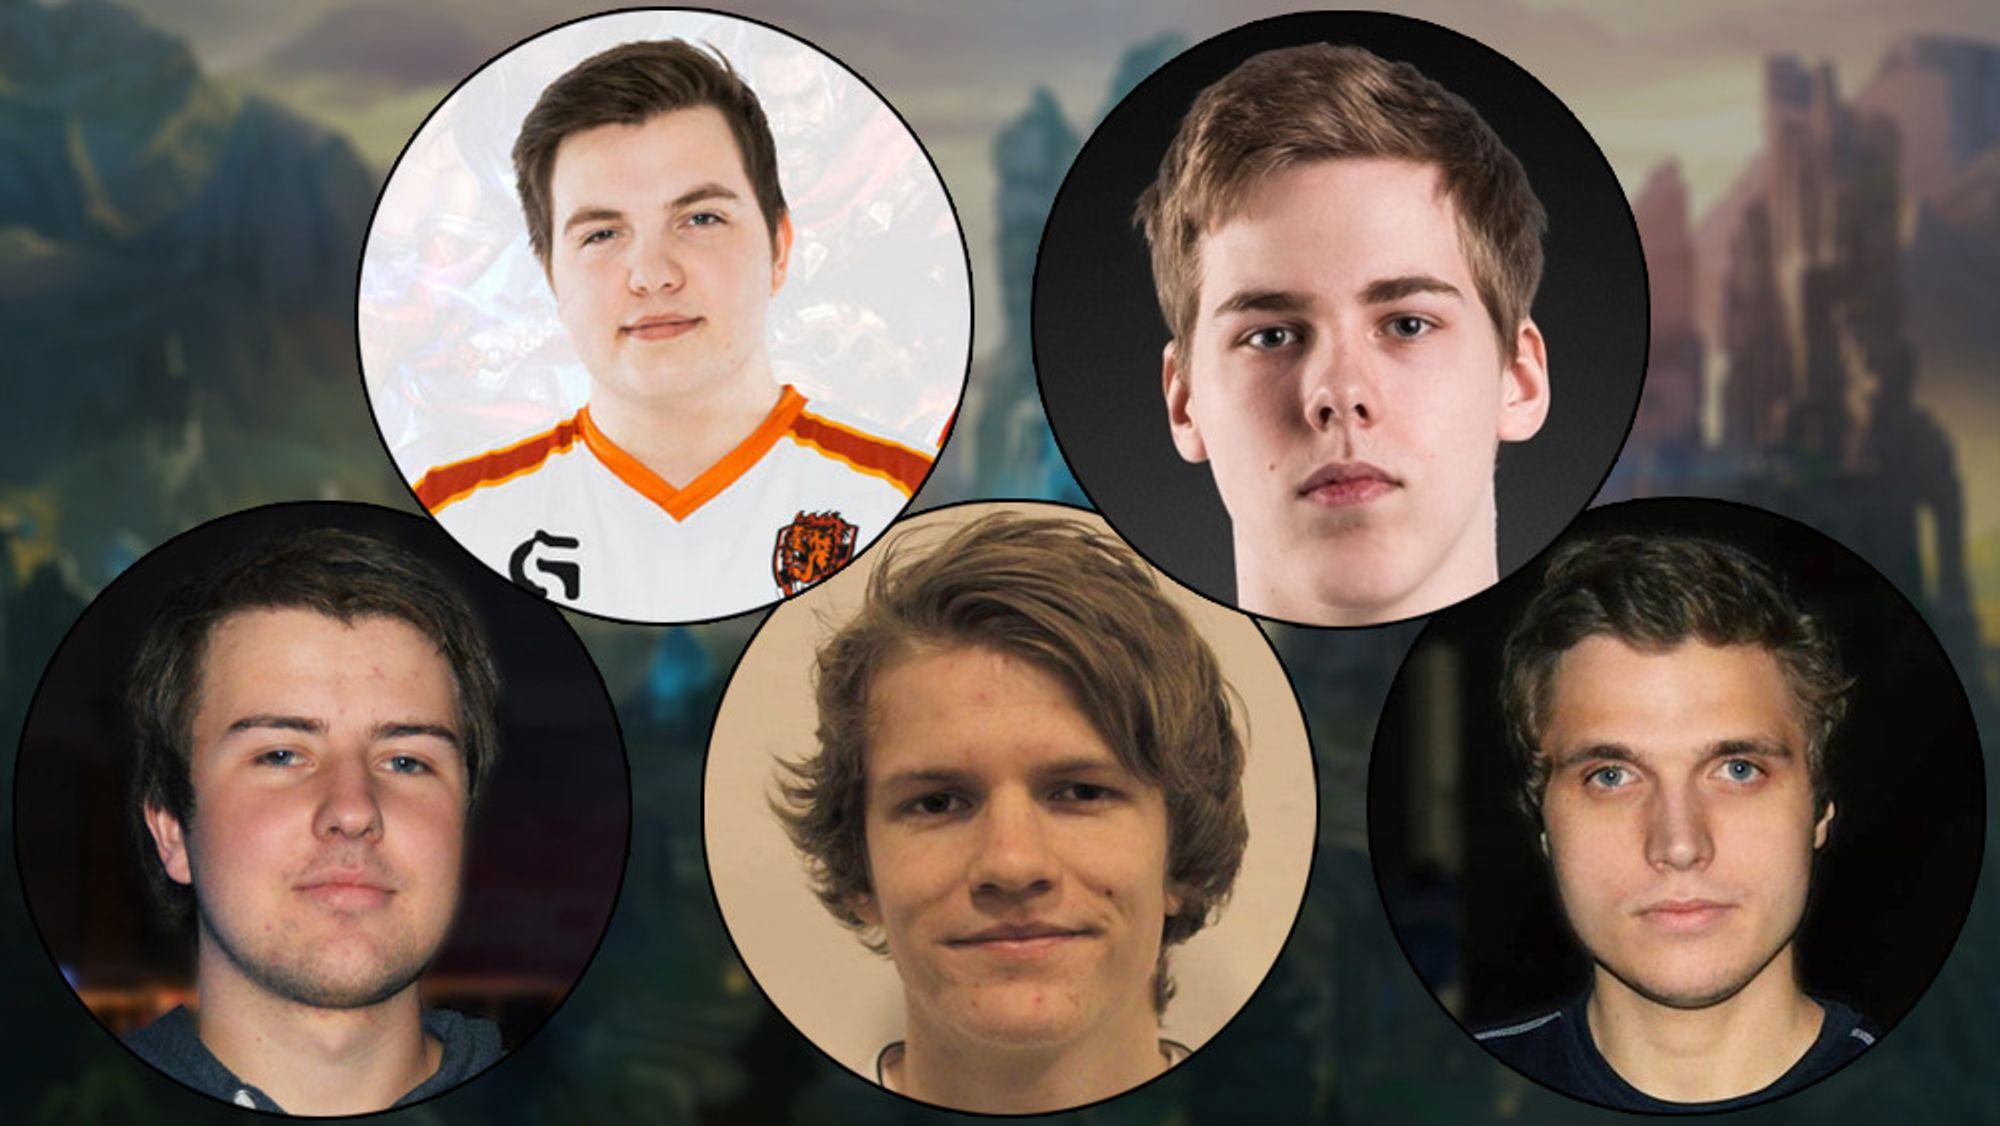 Fra venstre: Simon «Slemp» Ellefsen, Adrian «Dipzey» Kjellesvik, Sondre «Tivity» Afdal, Isak «Energy» Fjell og Sebastian «Boffen» Gsell.